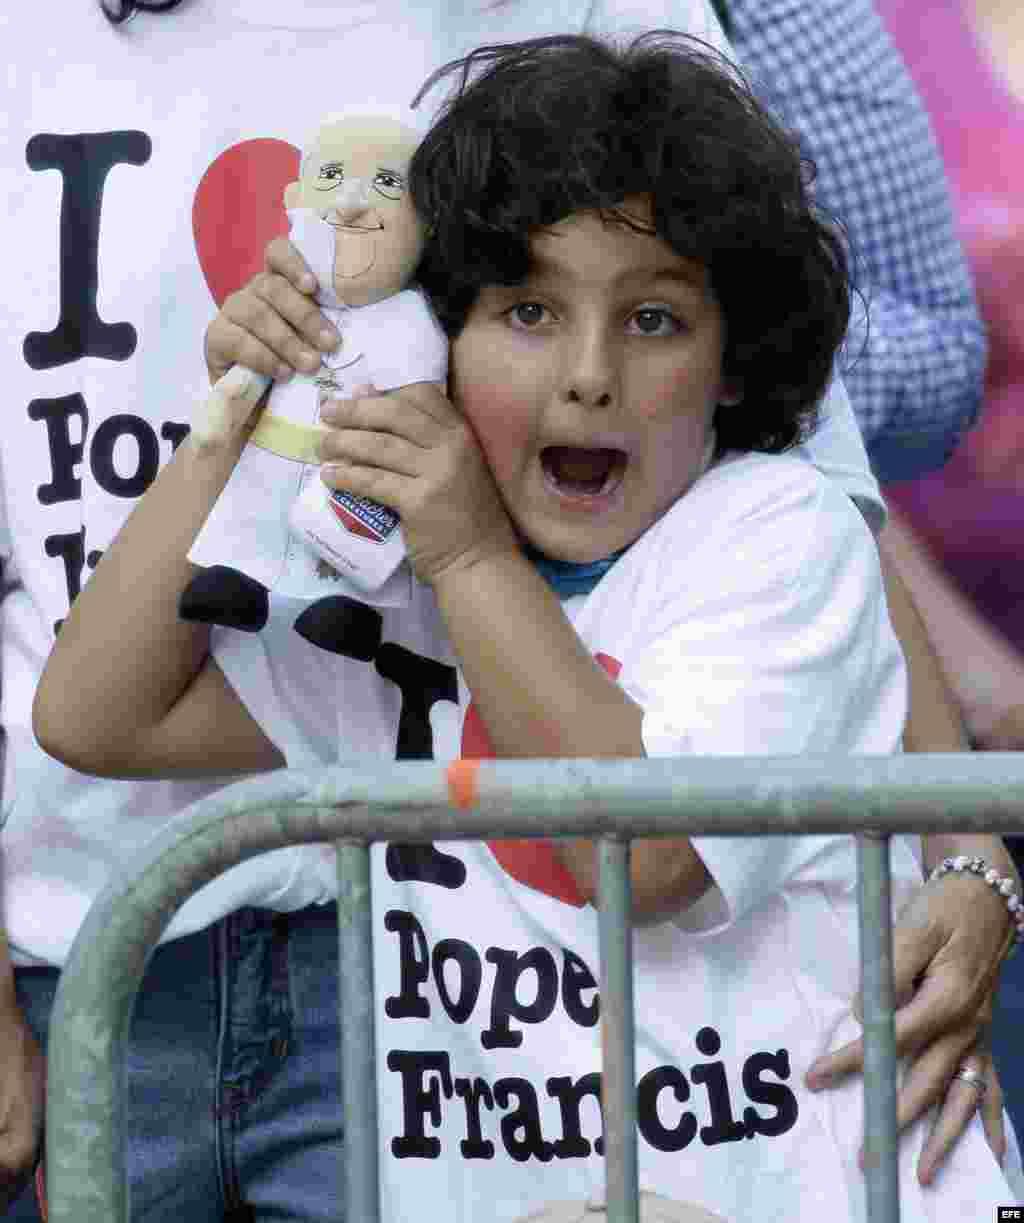 Una niña sostiene un muñeco con la imagen del papa Francisco, en el Parque Central de Nueva York. EFE